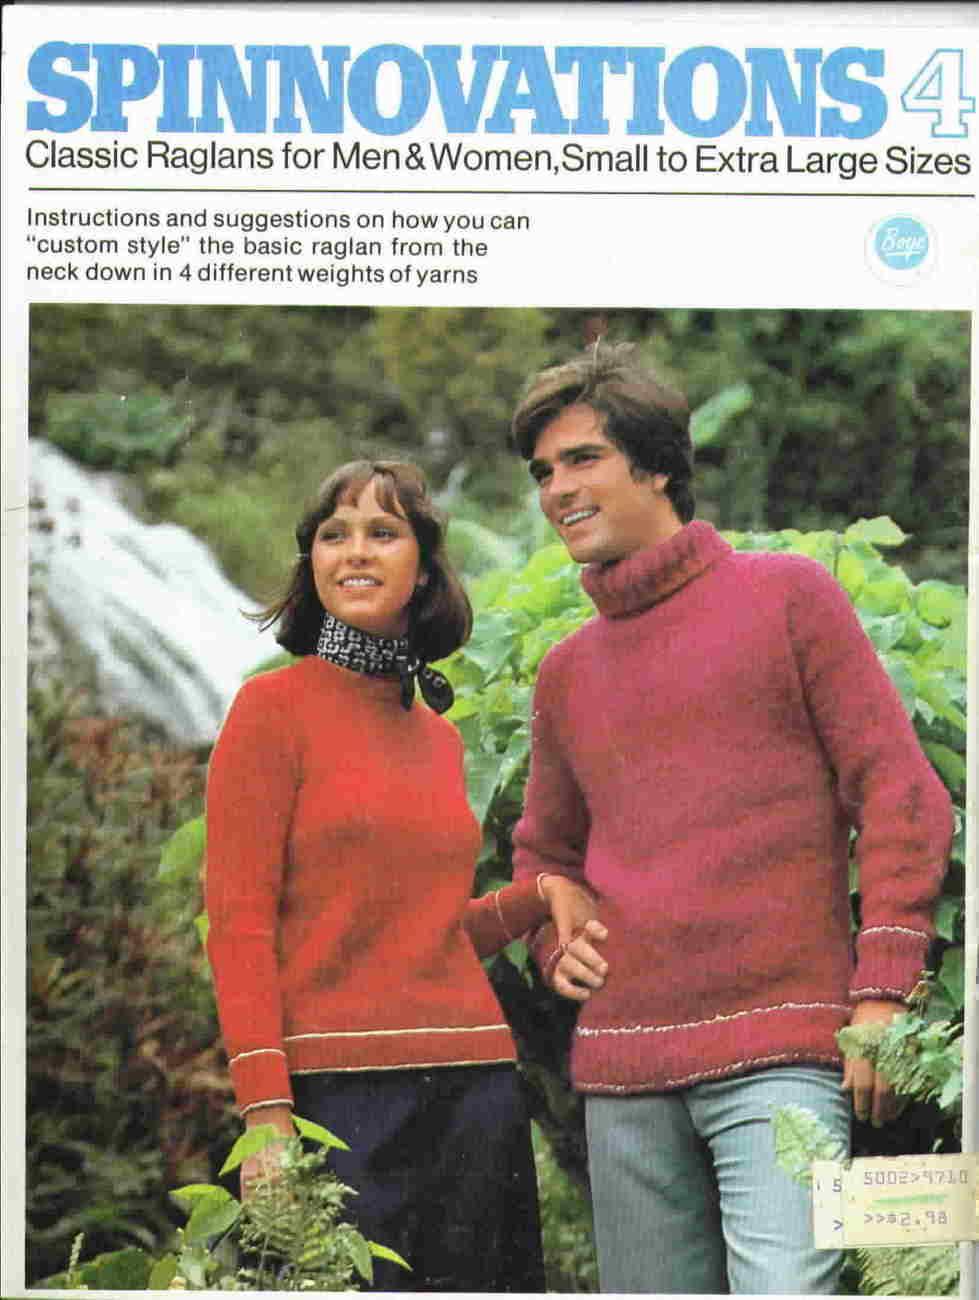 Spinnovations4 Knitting